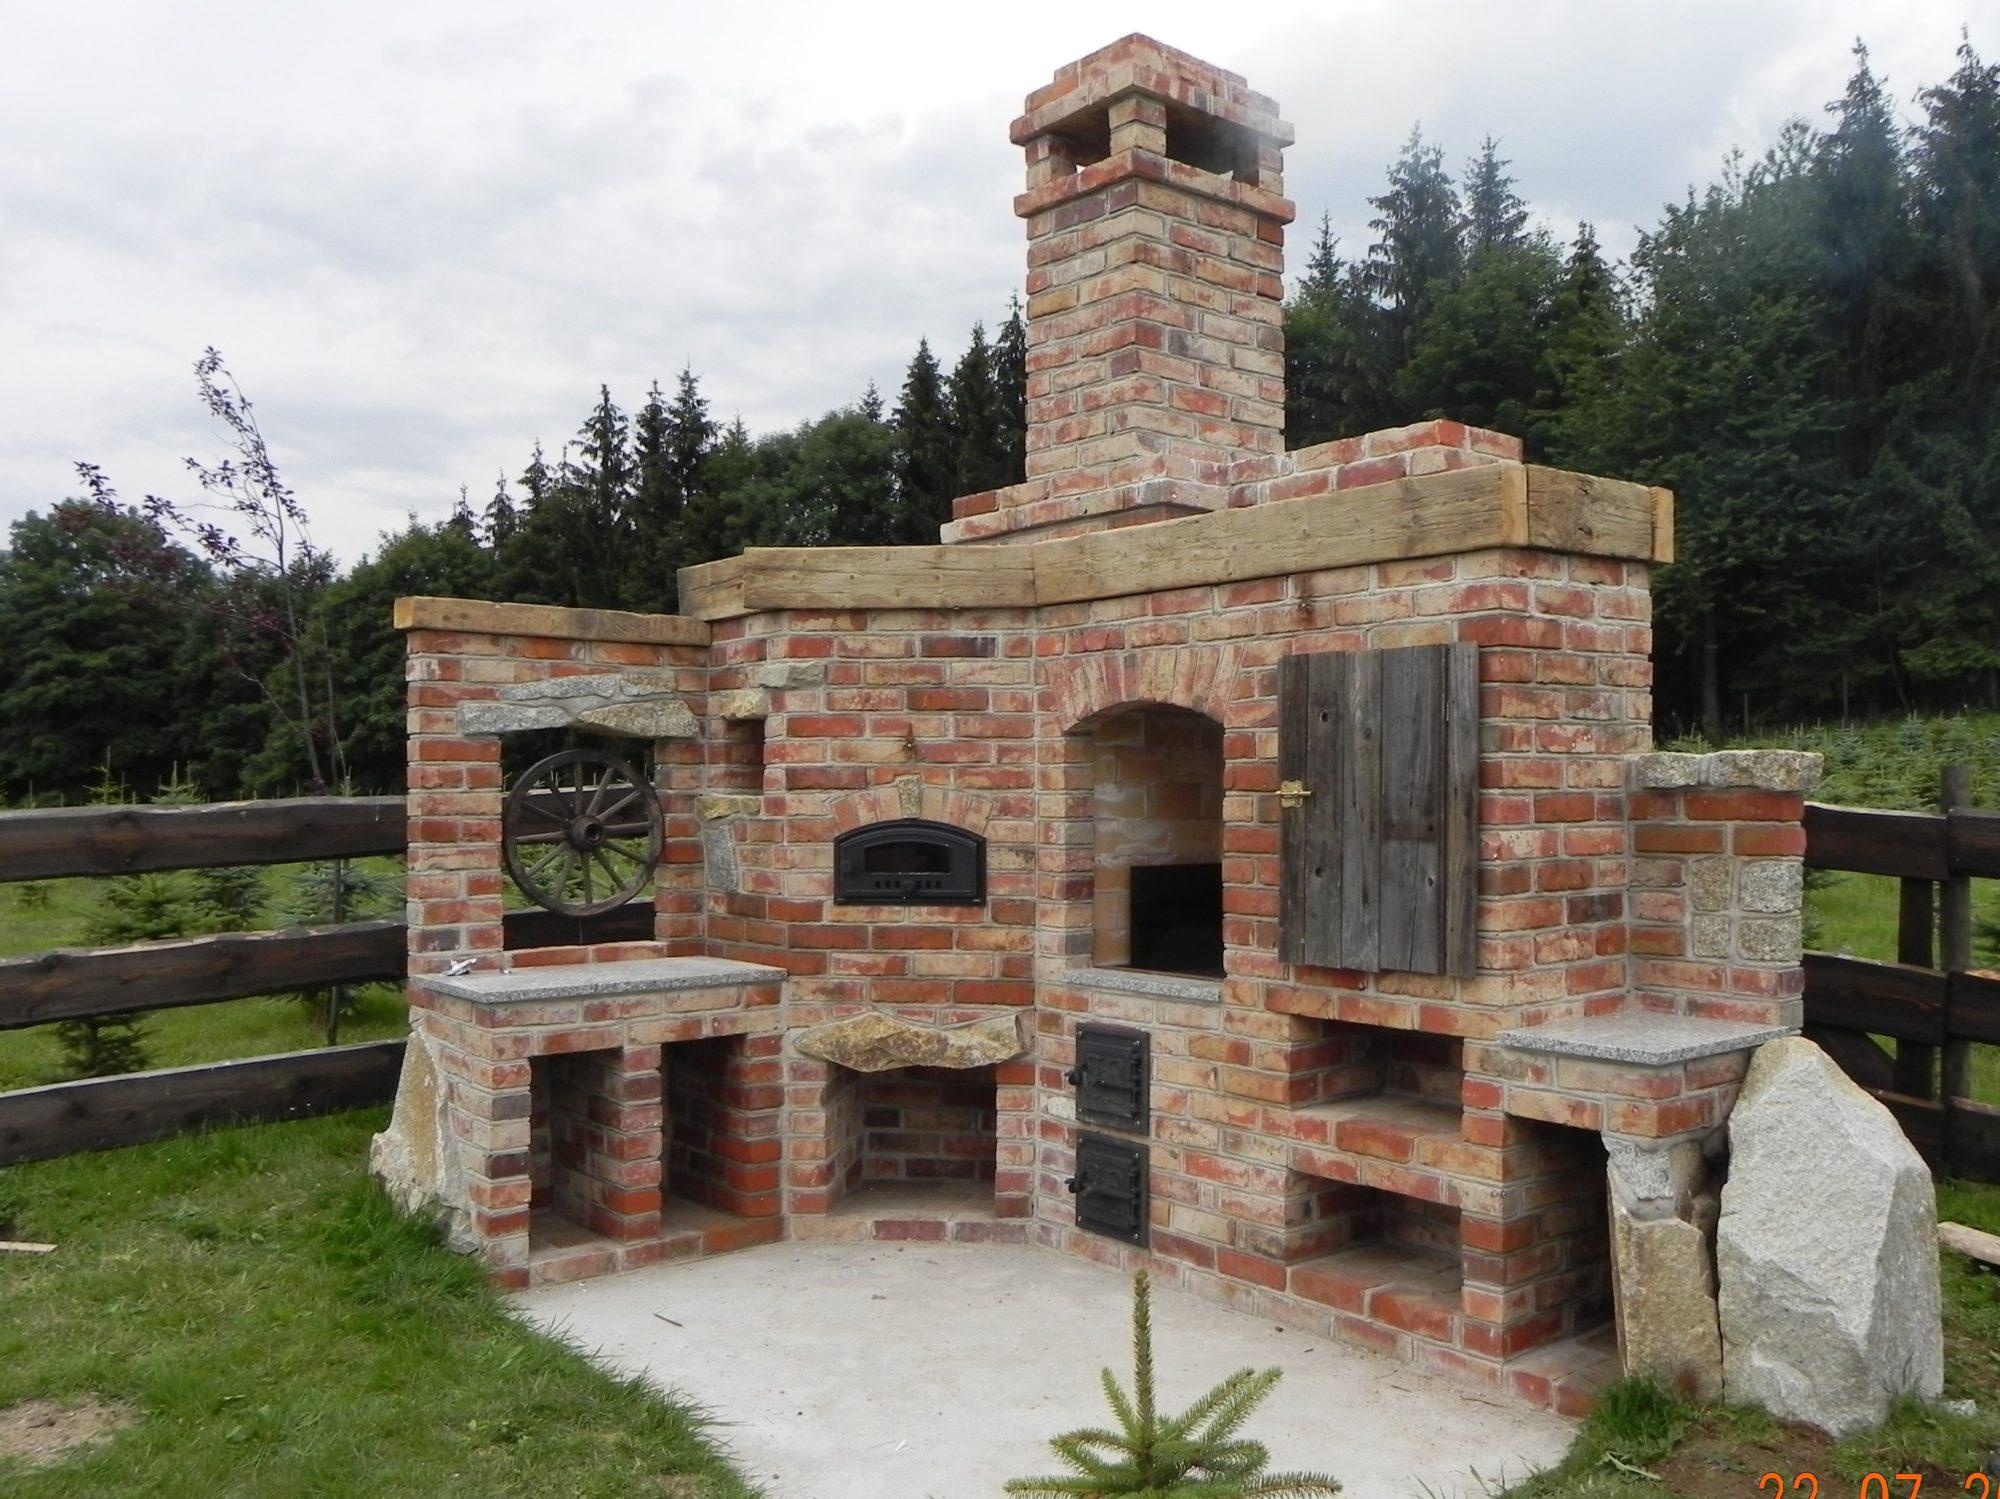 Inne rodzaje Grill ogrodowy murowany | Grill murowany w ogrodzie z cegły YQ53